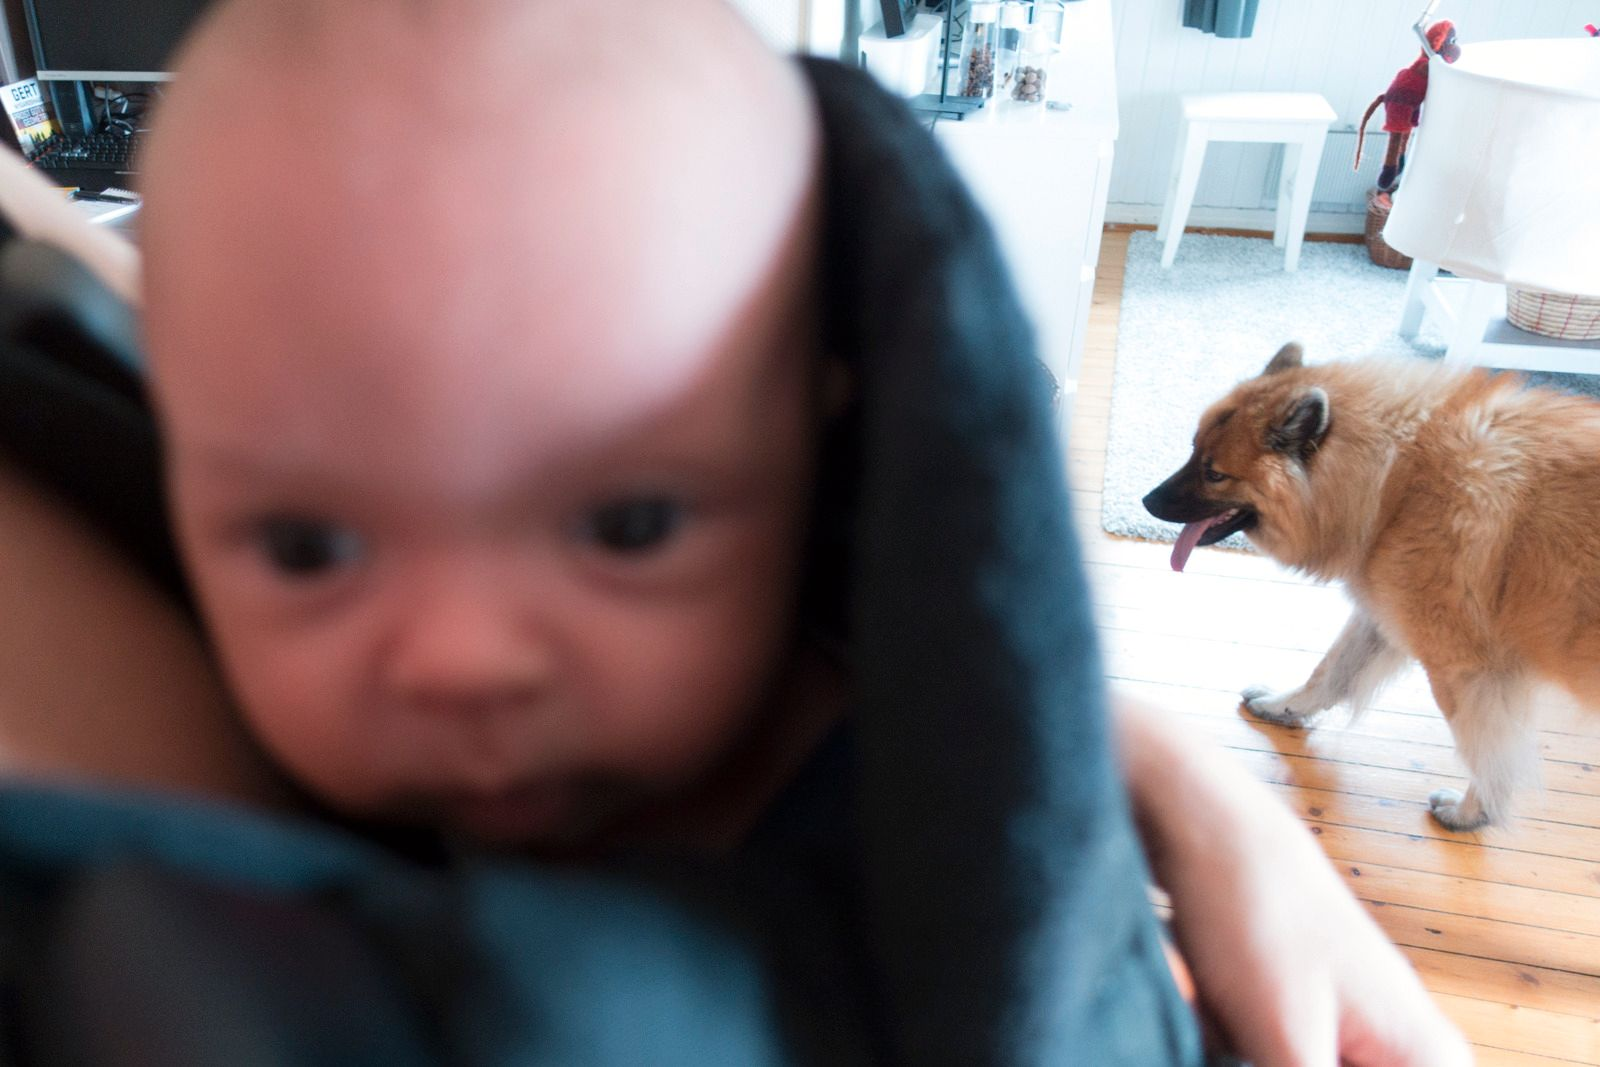 Jess, bra jobba kamera, det var hunden som skulle være i fokus her. Takk for hjelpen... Foto: Kristoffer Møllevik